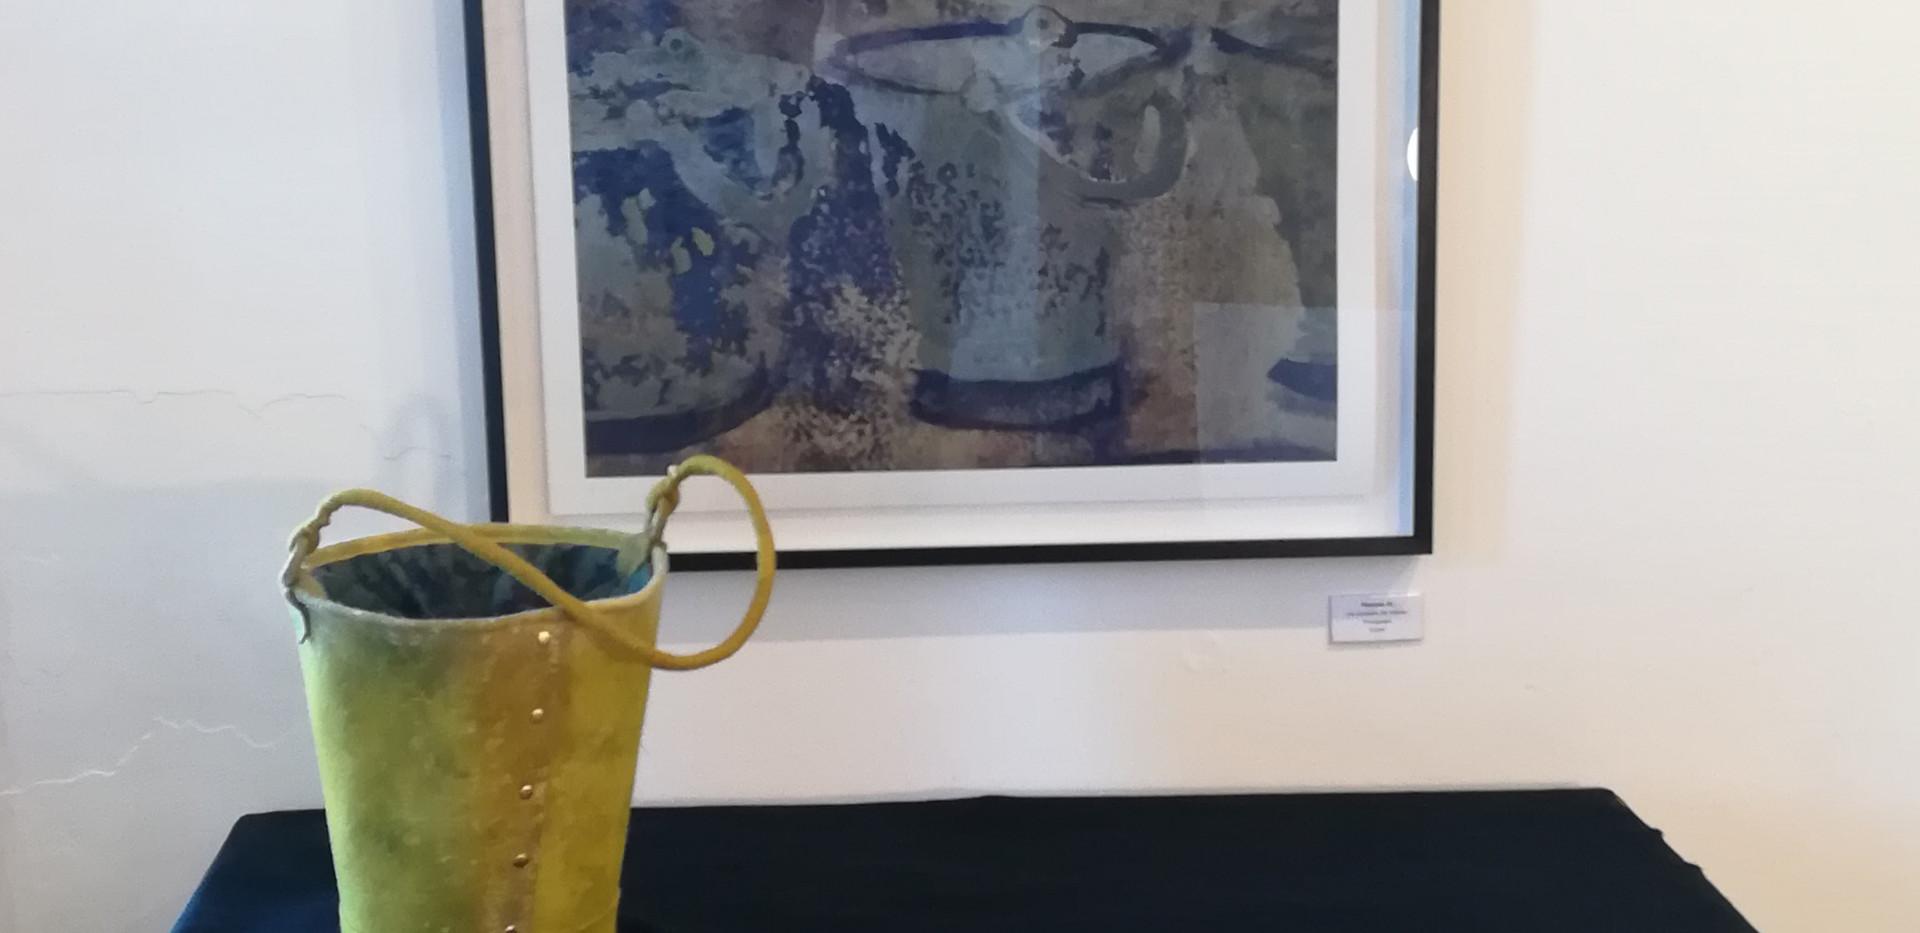 """""""Die Obsessie, 17 Emmers"""", monoprint by Theresa Jo. R4500 """"Die Obsessie, die emmer"""" photograph by Theresa Jo. R3500 Camoflage felt bucket by Ronel Jordaan. R850"""